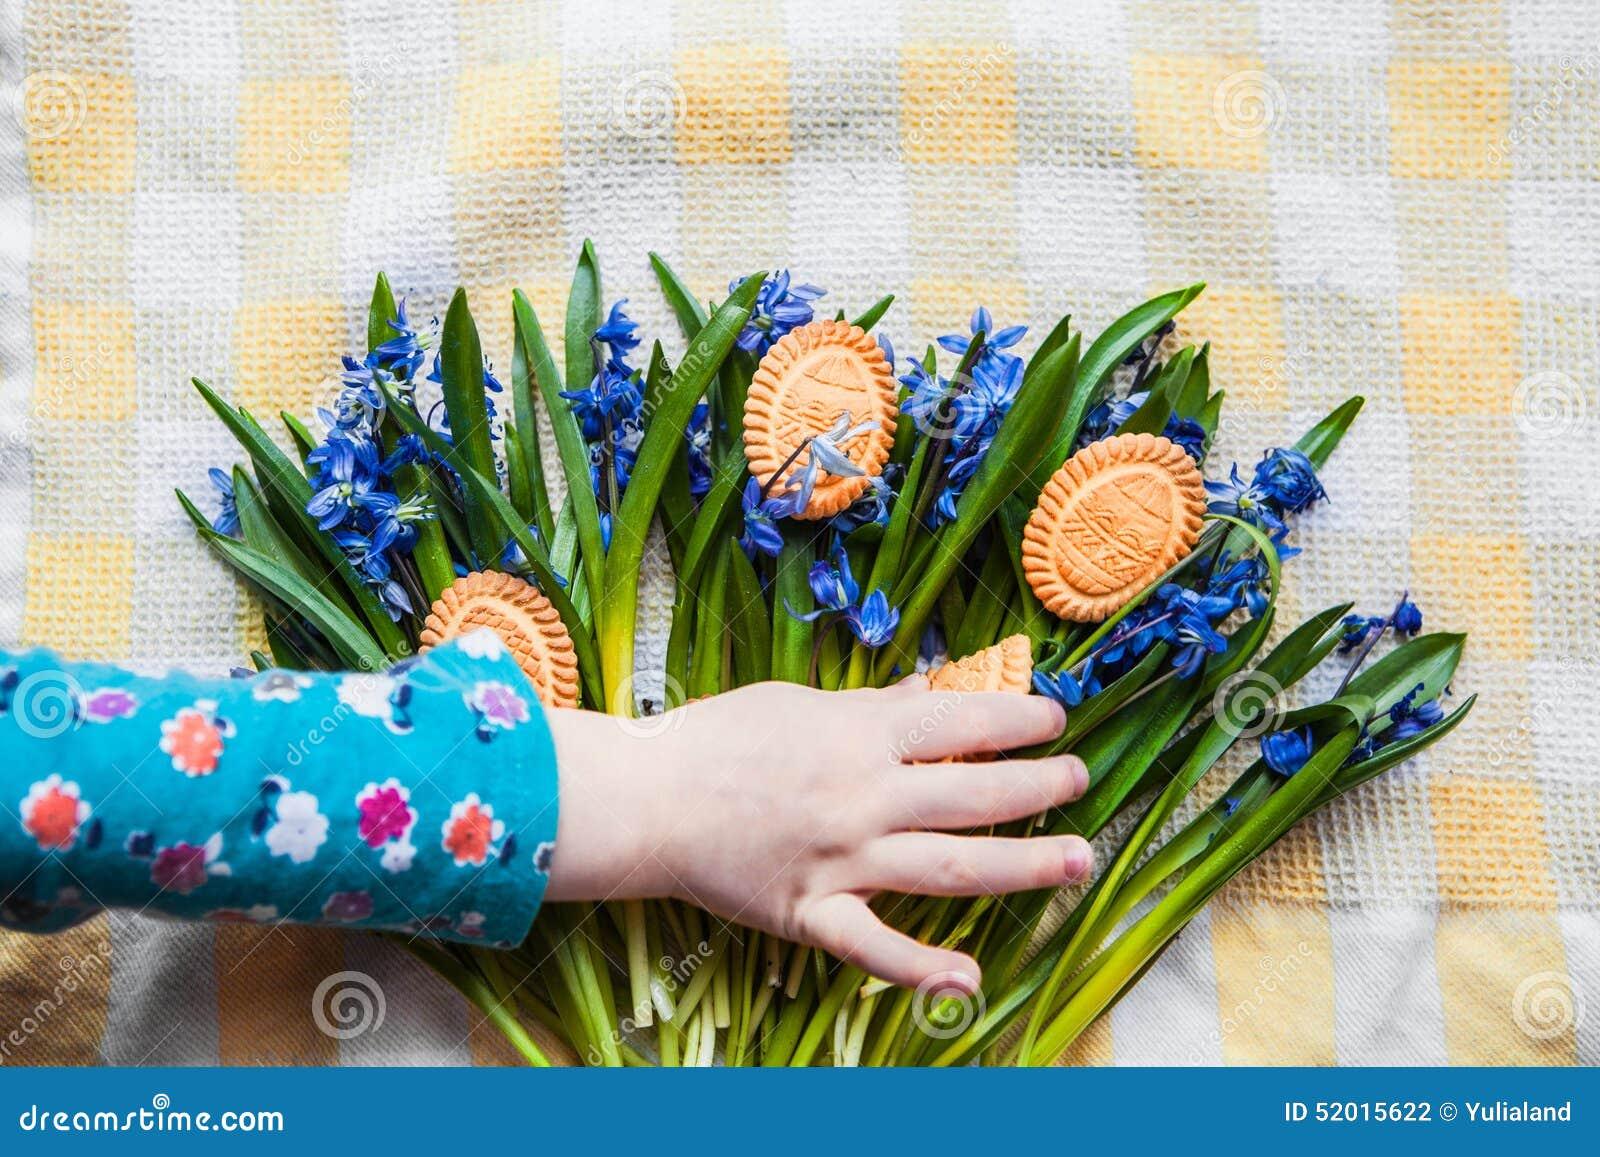 Achtergrond met koekjes de vorm van paaseieren in de blauwe ...